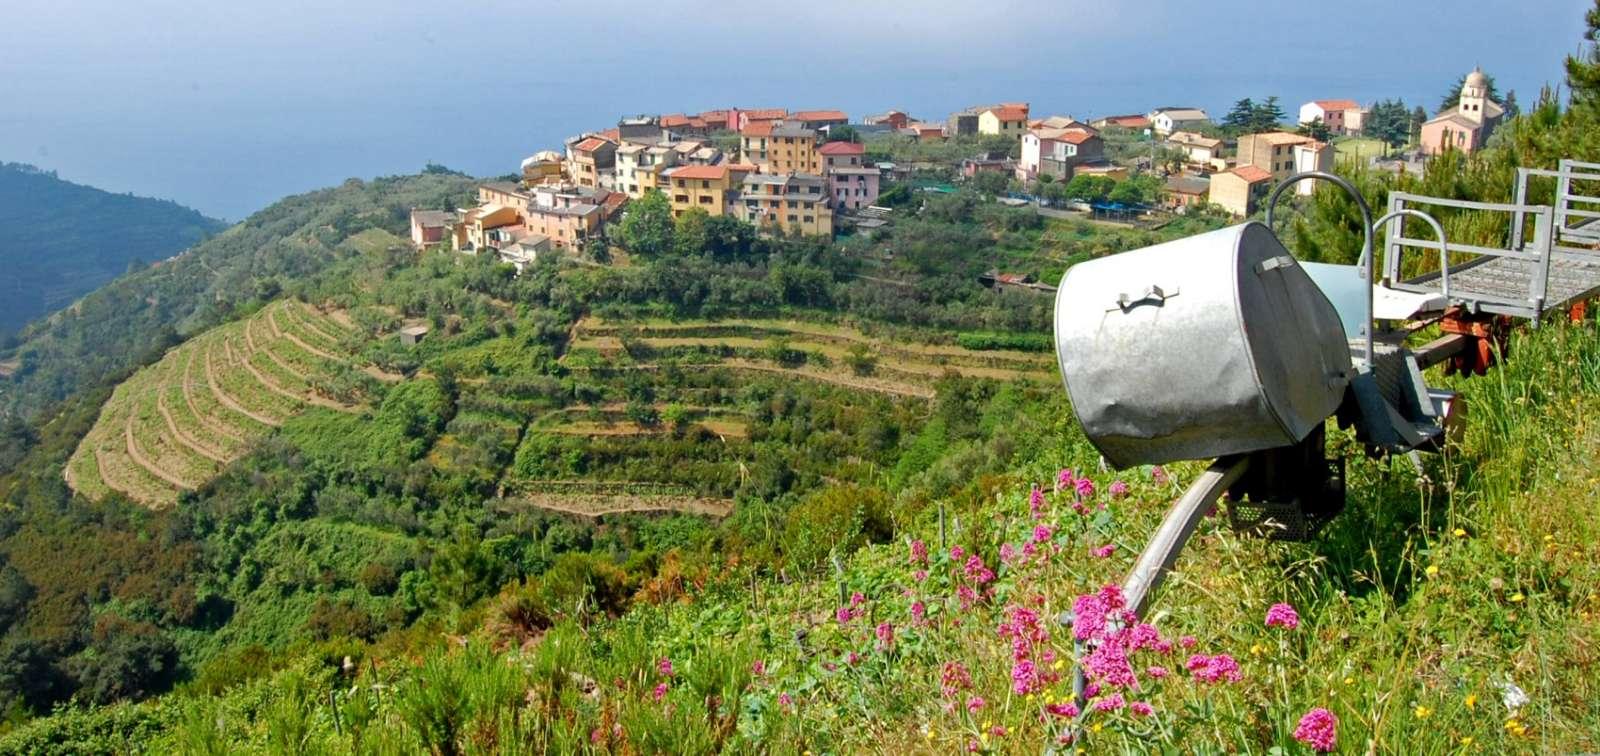 Le village de Volastra